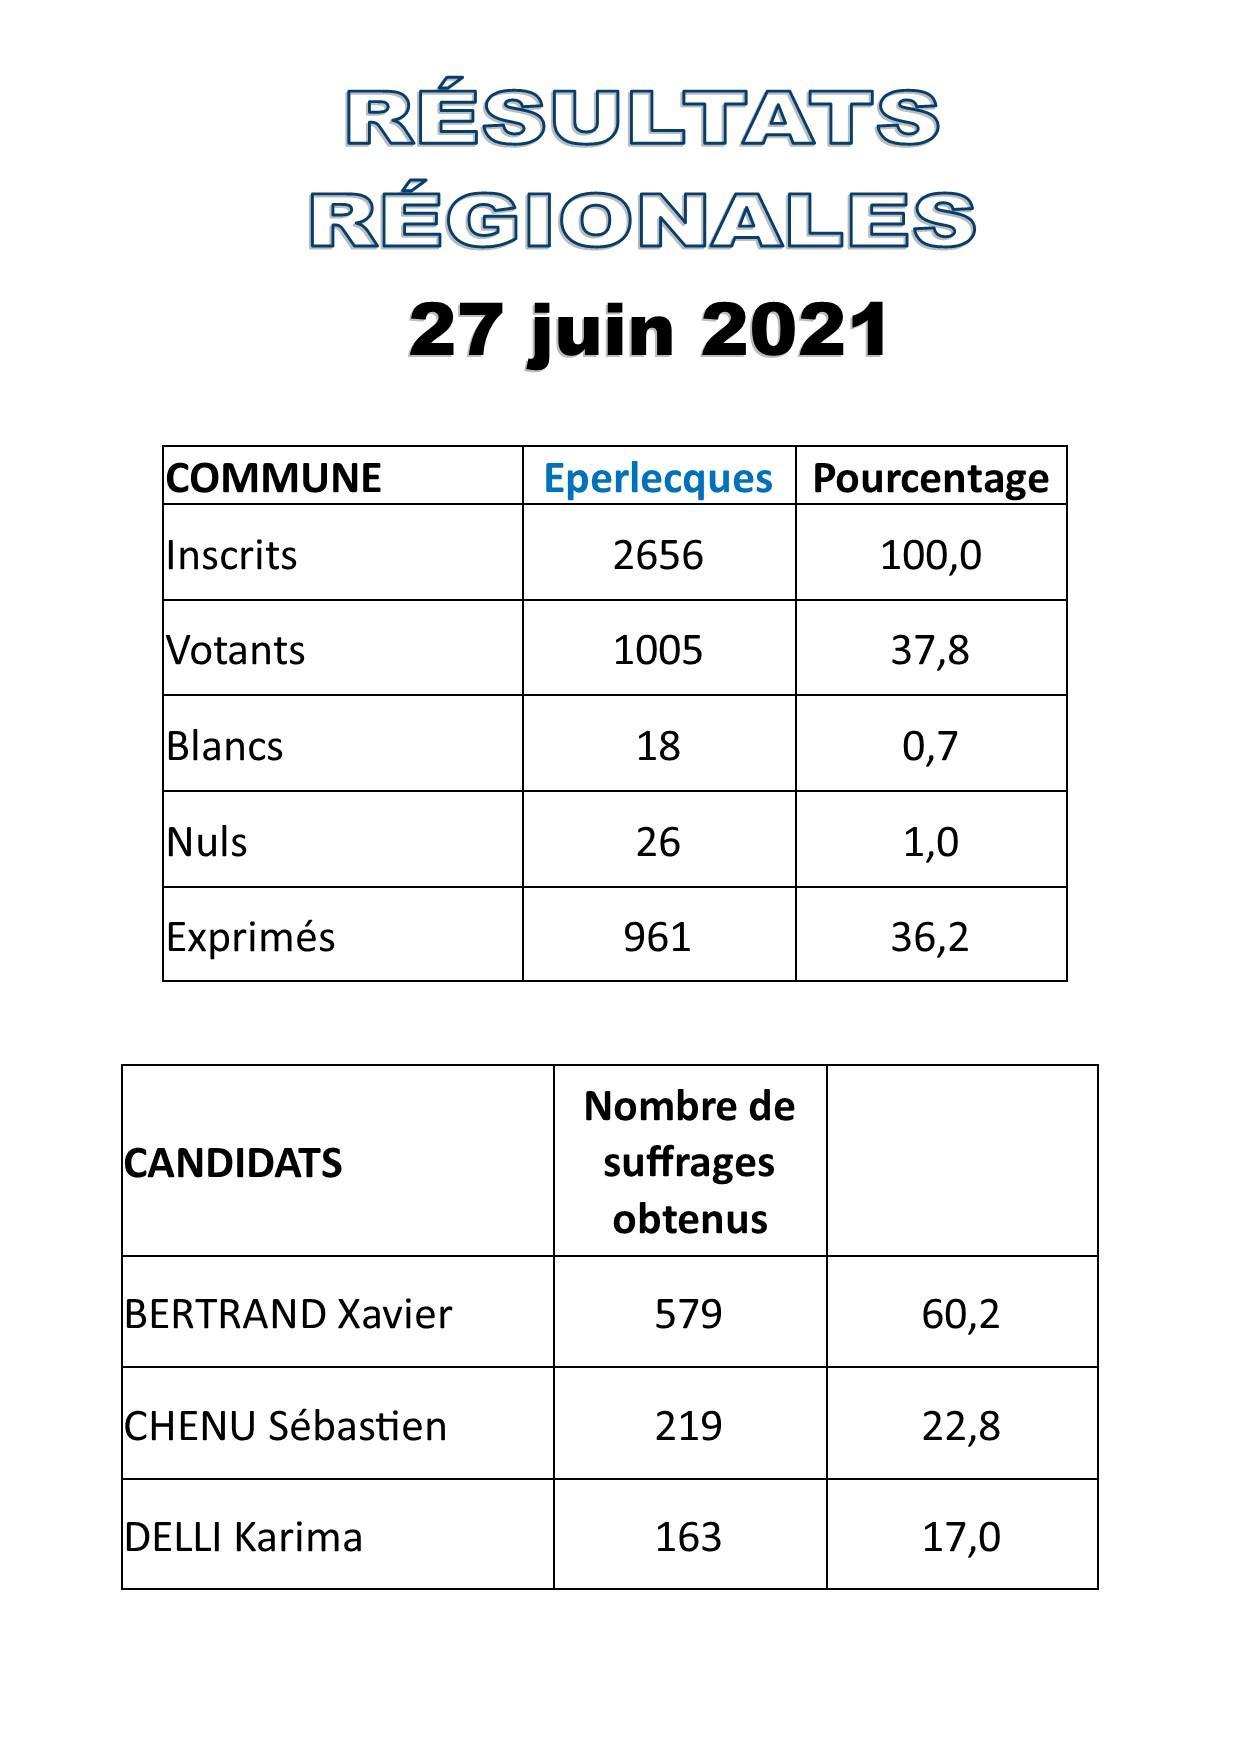 Regionales 27 juin 2021